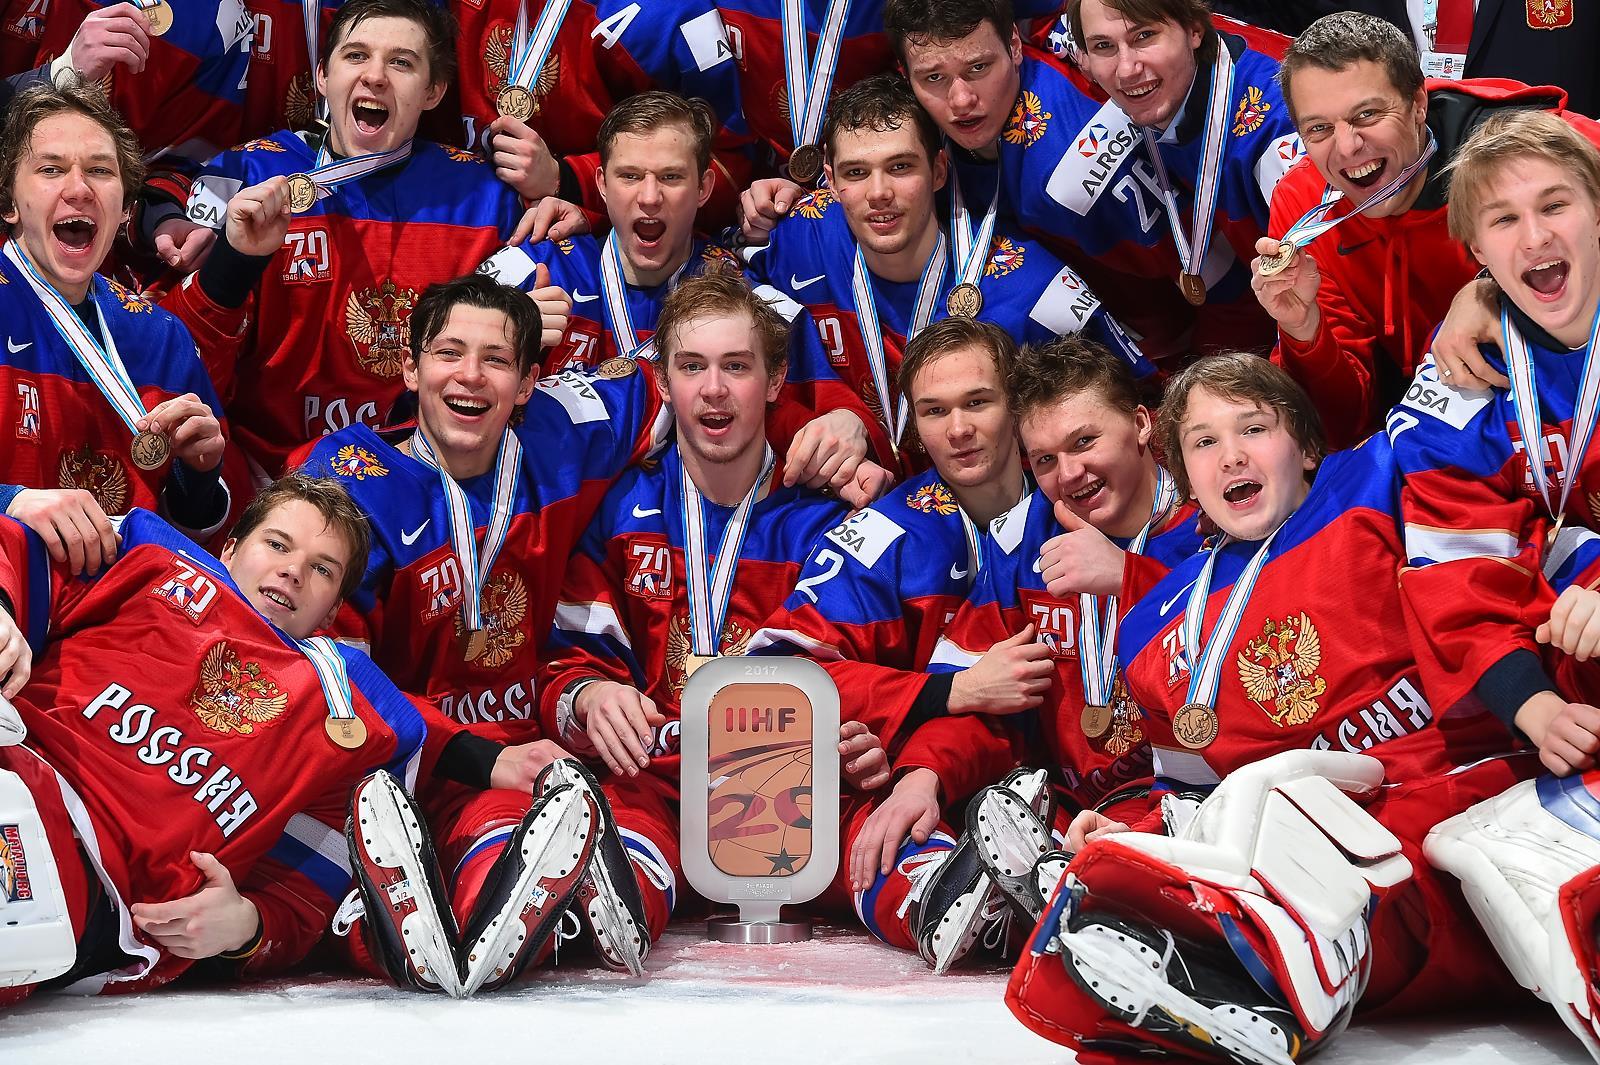 Сборная россии по хоккею состав фото